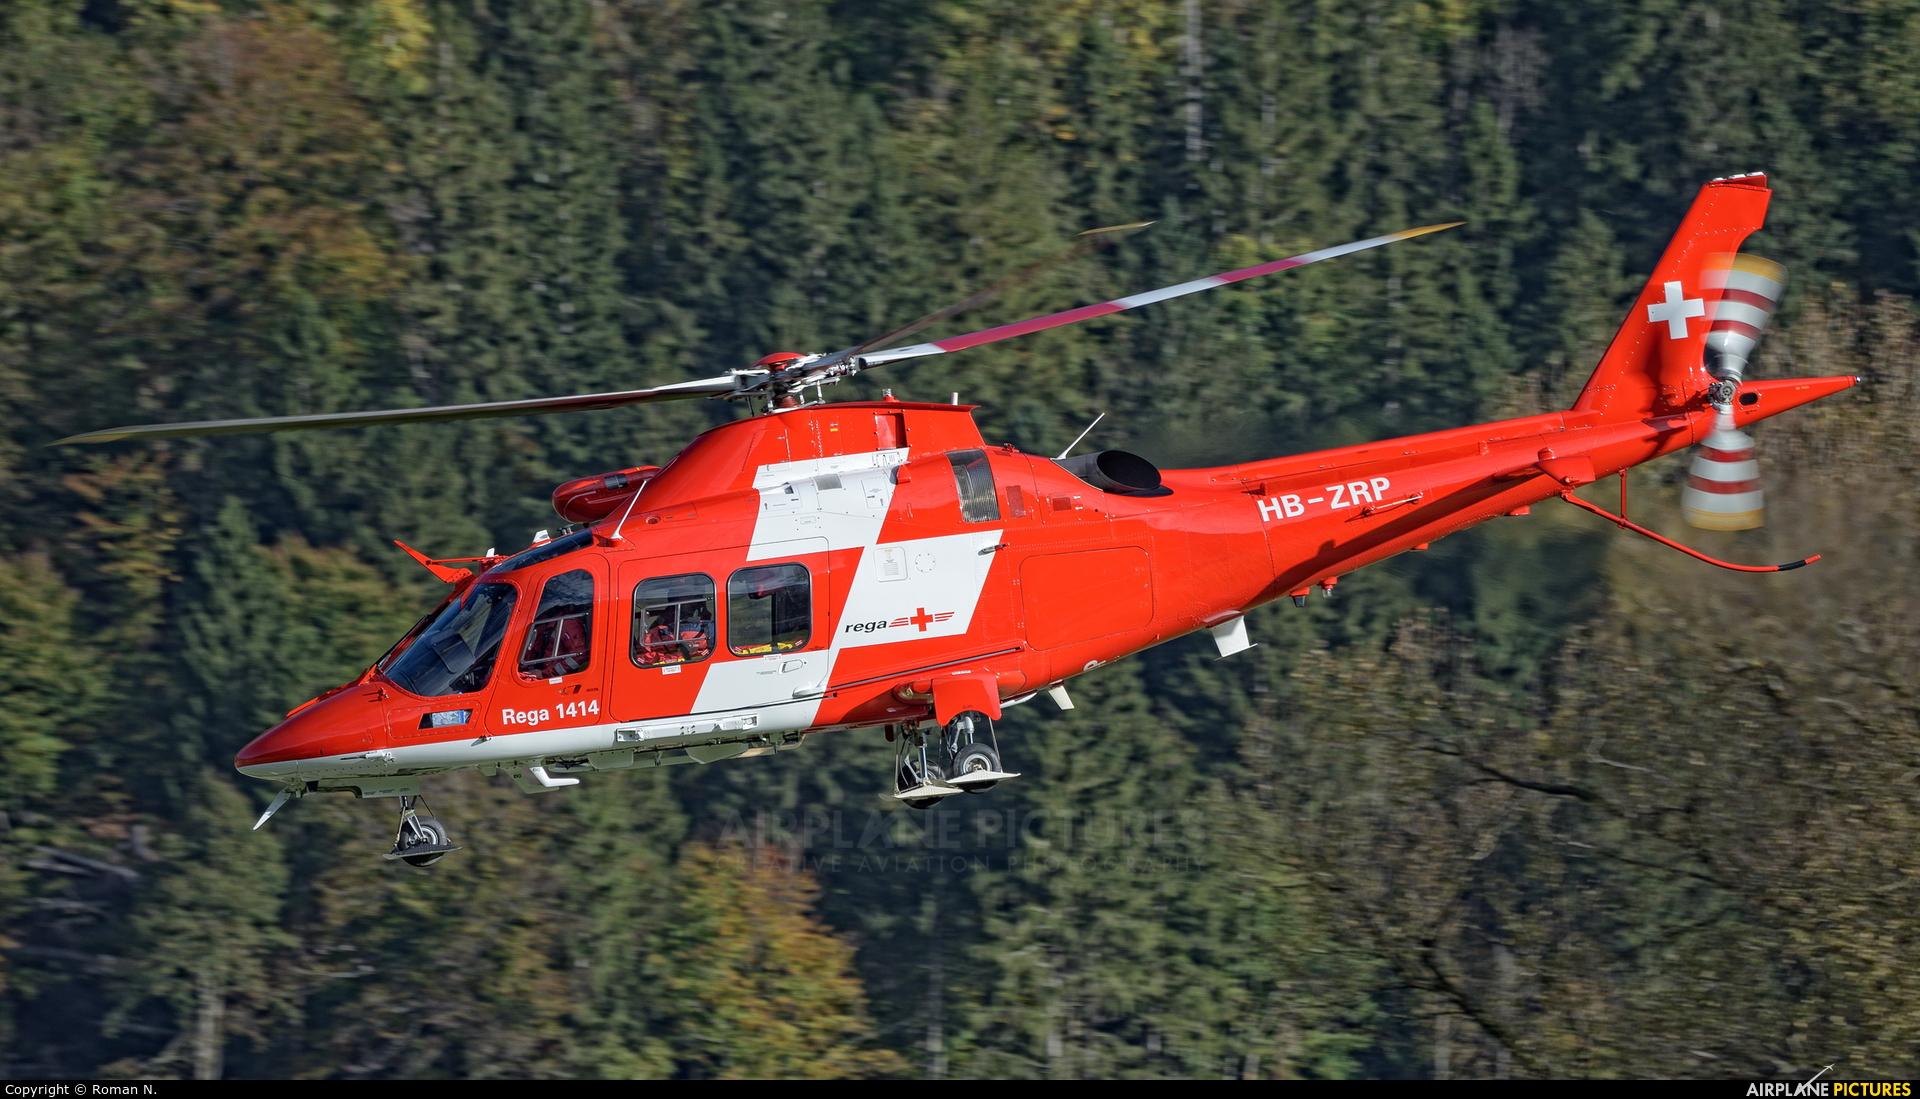 REGA Swiss Air Ambulance  HB-ZRP aircraft at Meiringen